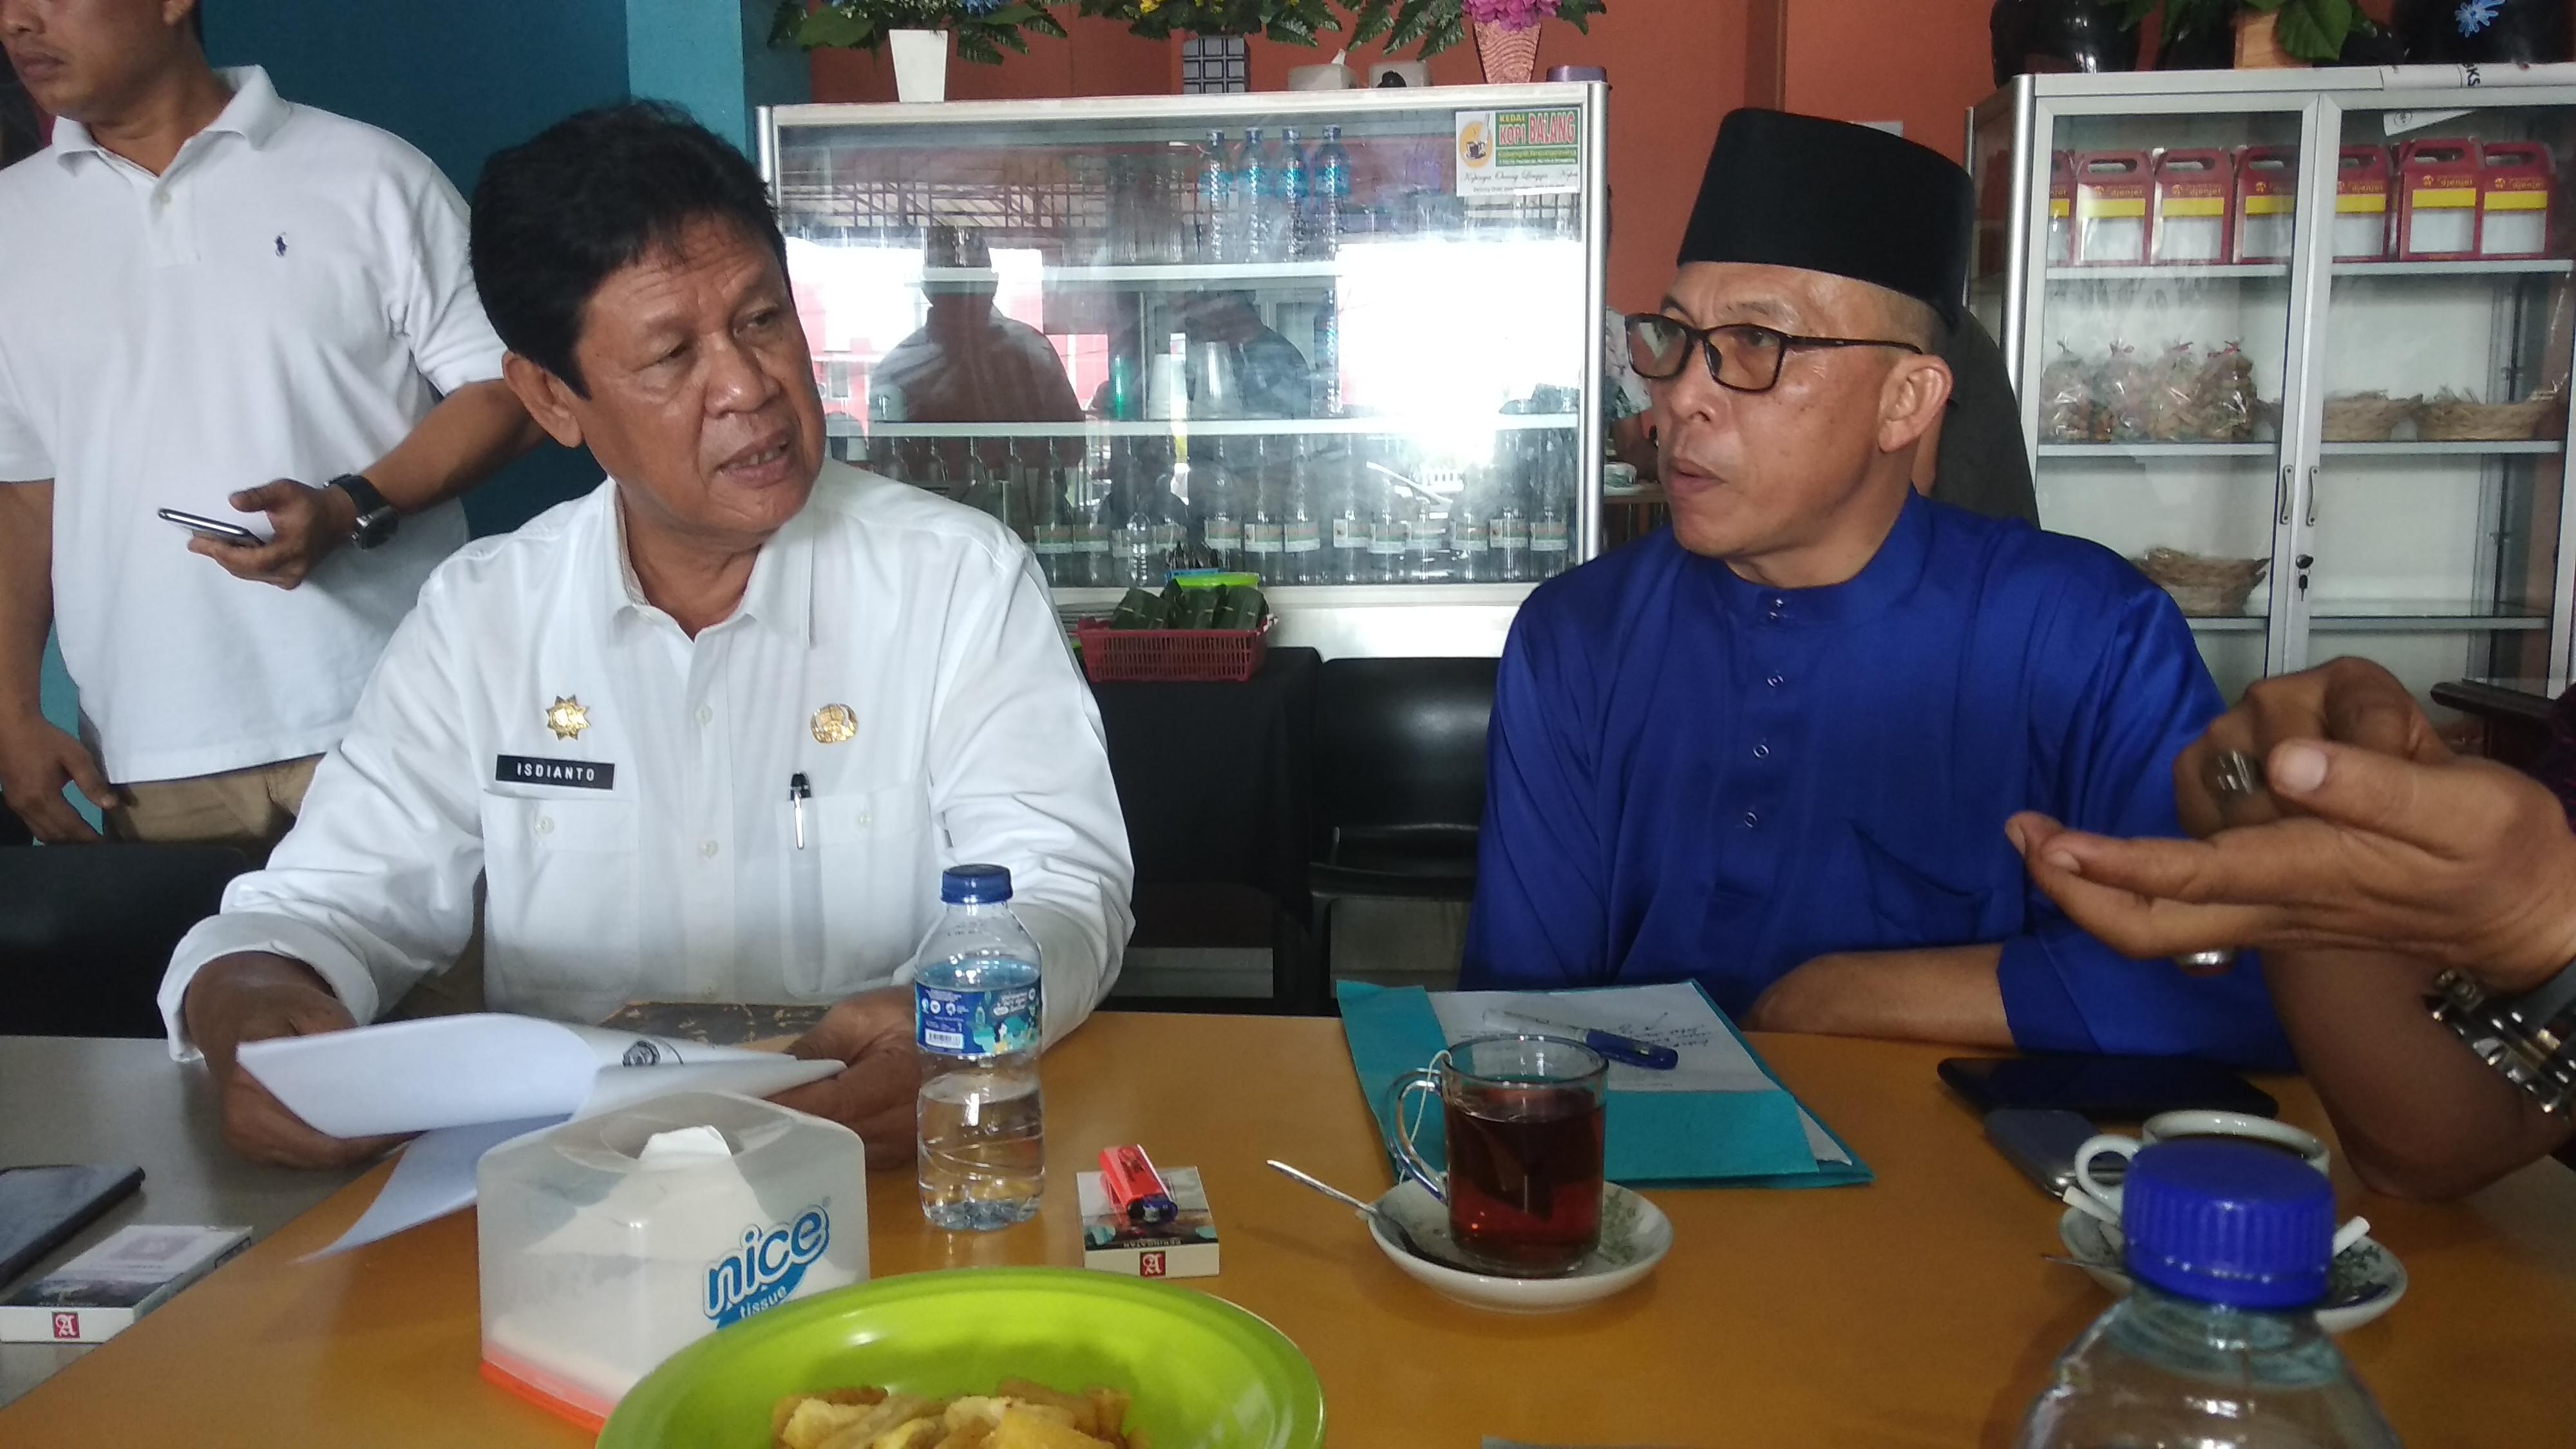 Wagub Kepri Isdianto (kiri) dan Kadis Pendidikan Kepri M. Dali